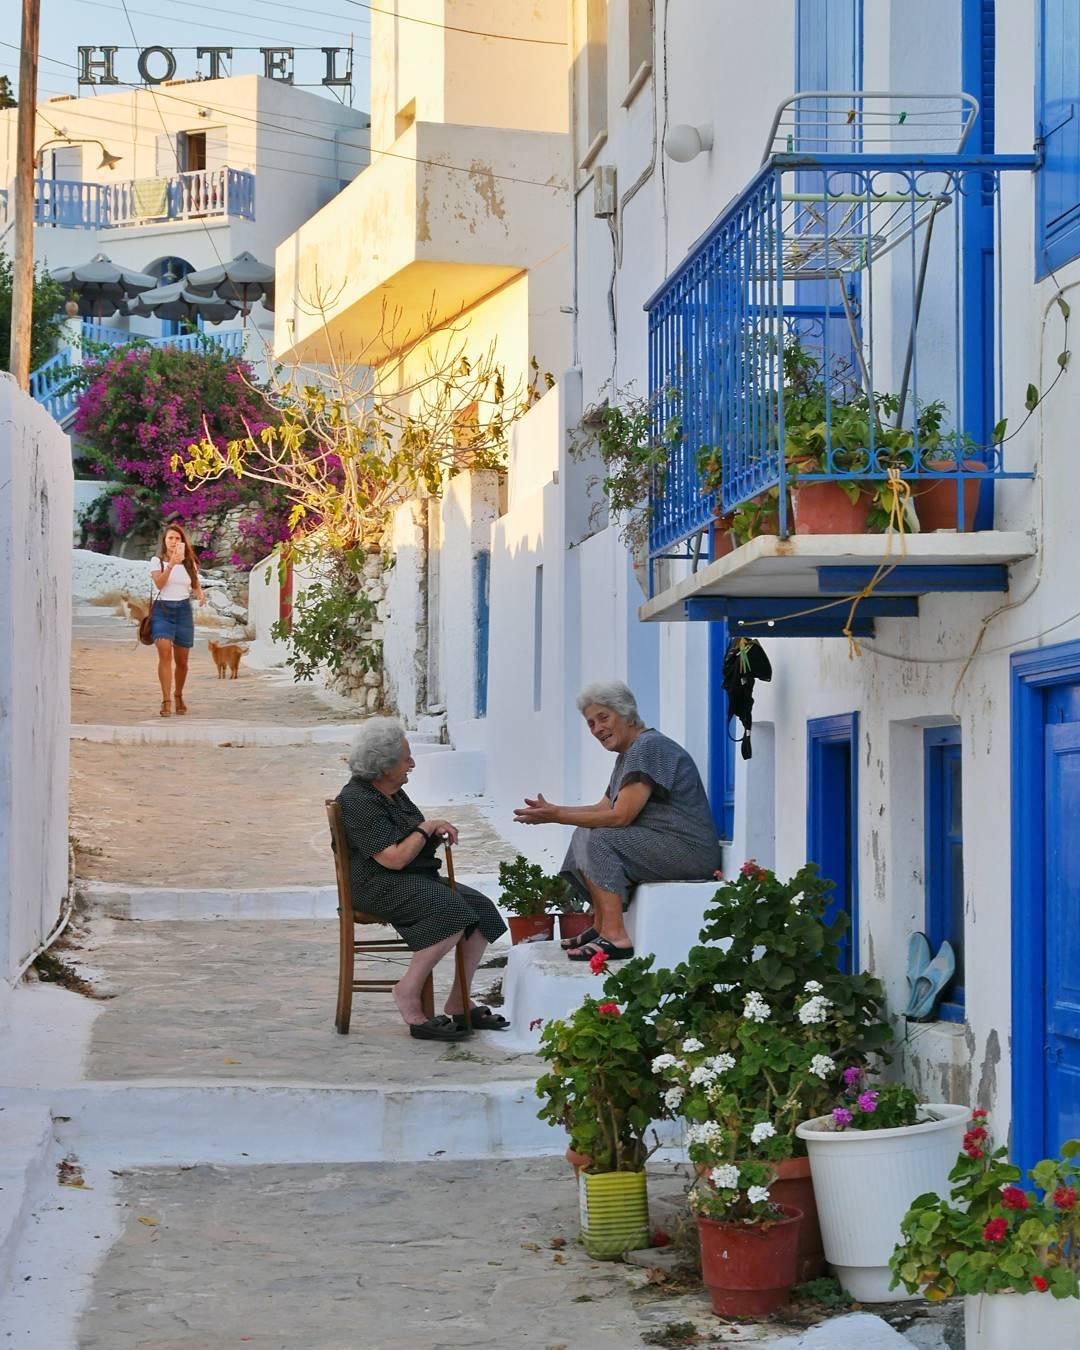 Tijdens het eilandhoppen in Griekenland heb ik deze foto op Amorgos gemaakt. Een typisch Grieks straatje met oude dametjes die de dag doornemen